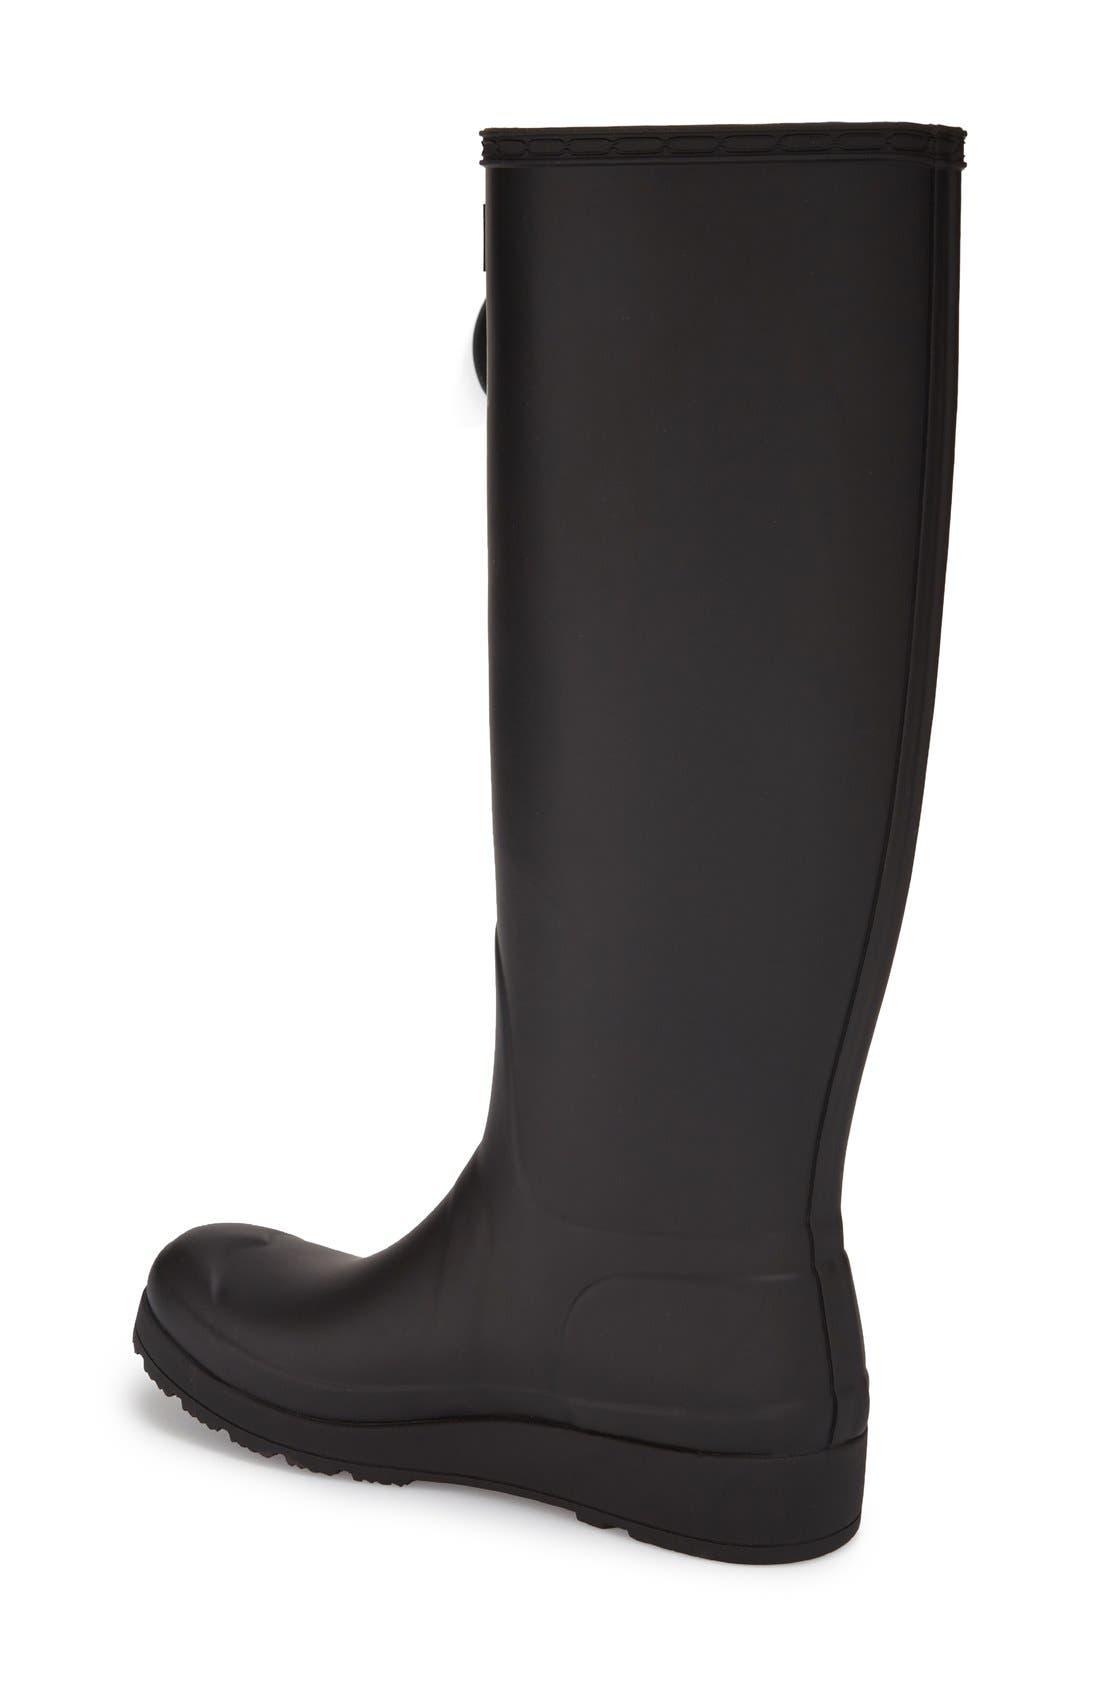 Alternate Image 2  - Hunter 'Original Tall- Wedge' Rain Boot (Women)